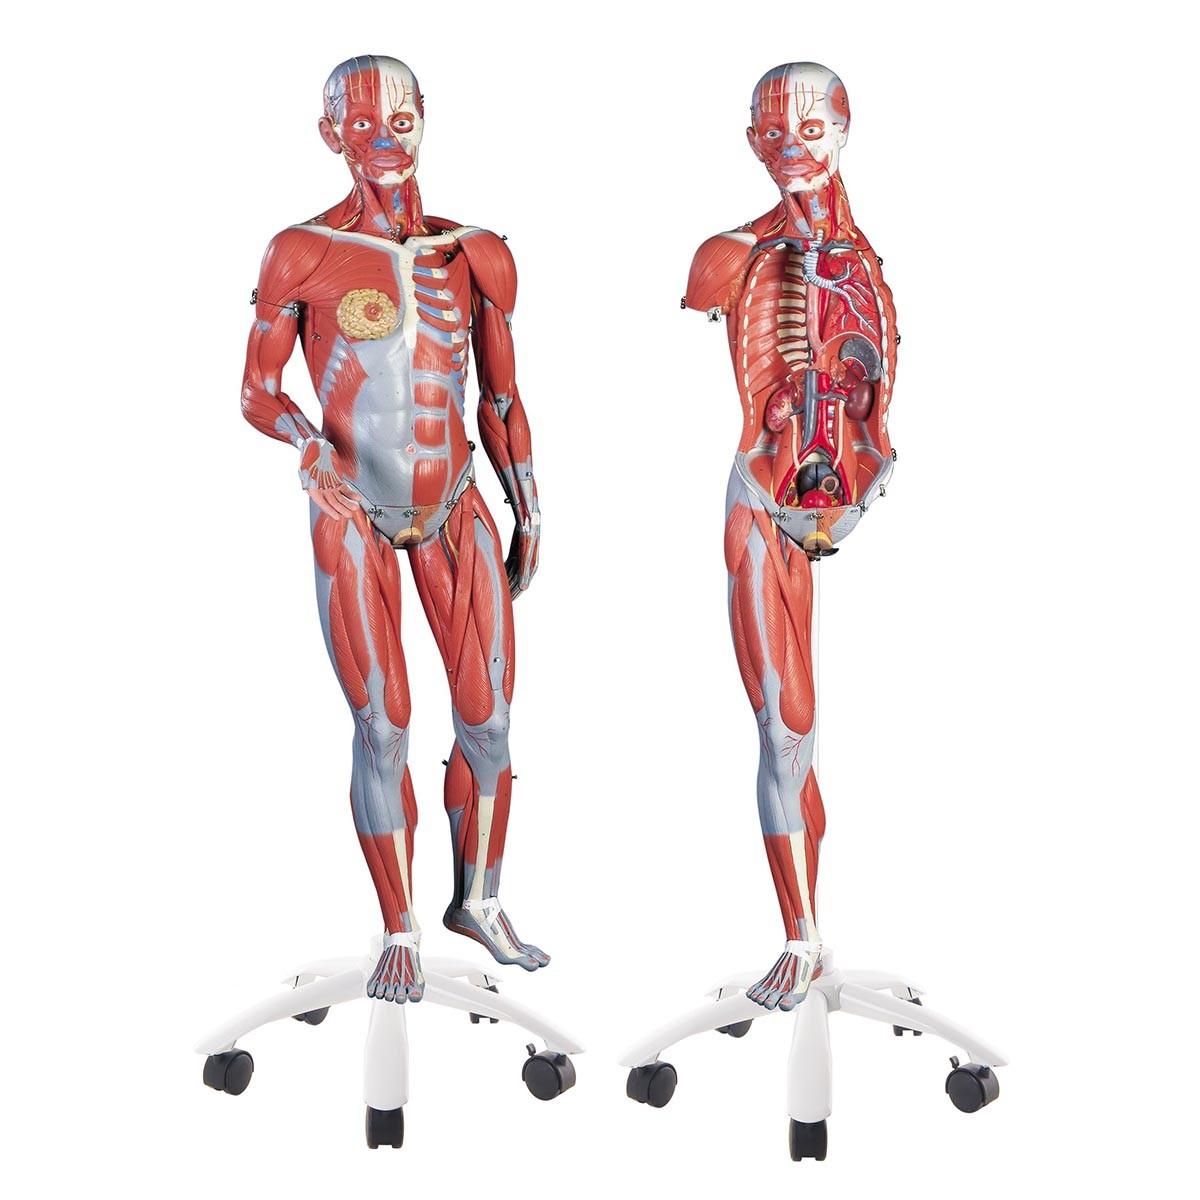 Anatomie der Muskeln - menschliche Muskelfigur, Anatomie des ...